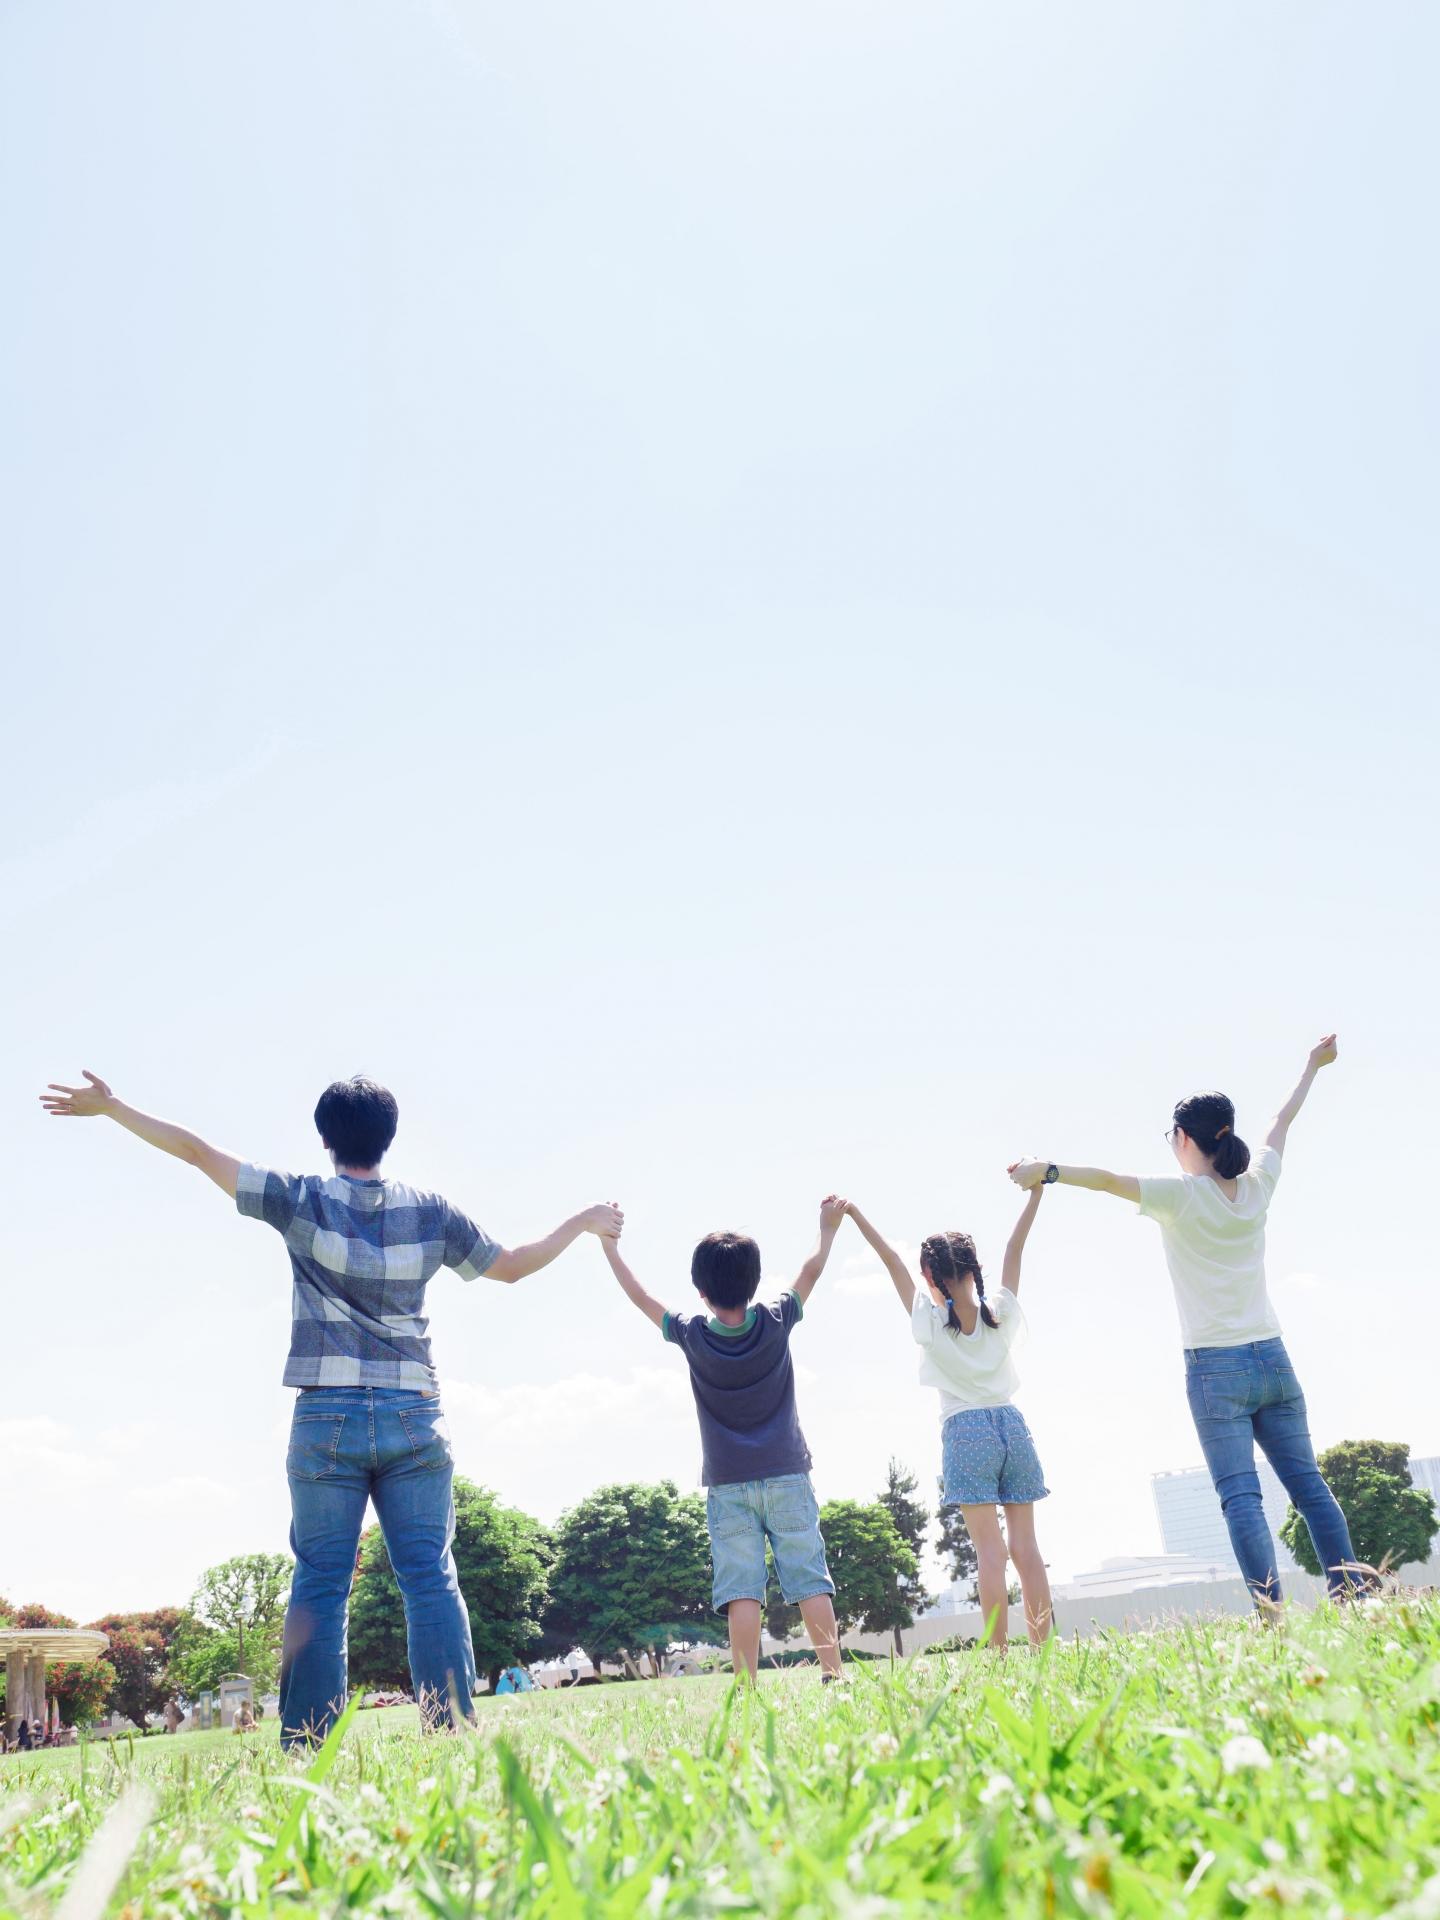 共働き夫婦が横浜や湘南で新築一戸建てを購入するなら自然素材の注文住宅をお勧めします まとめ